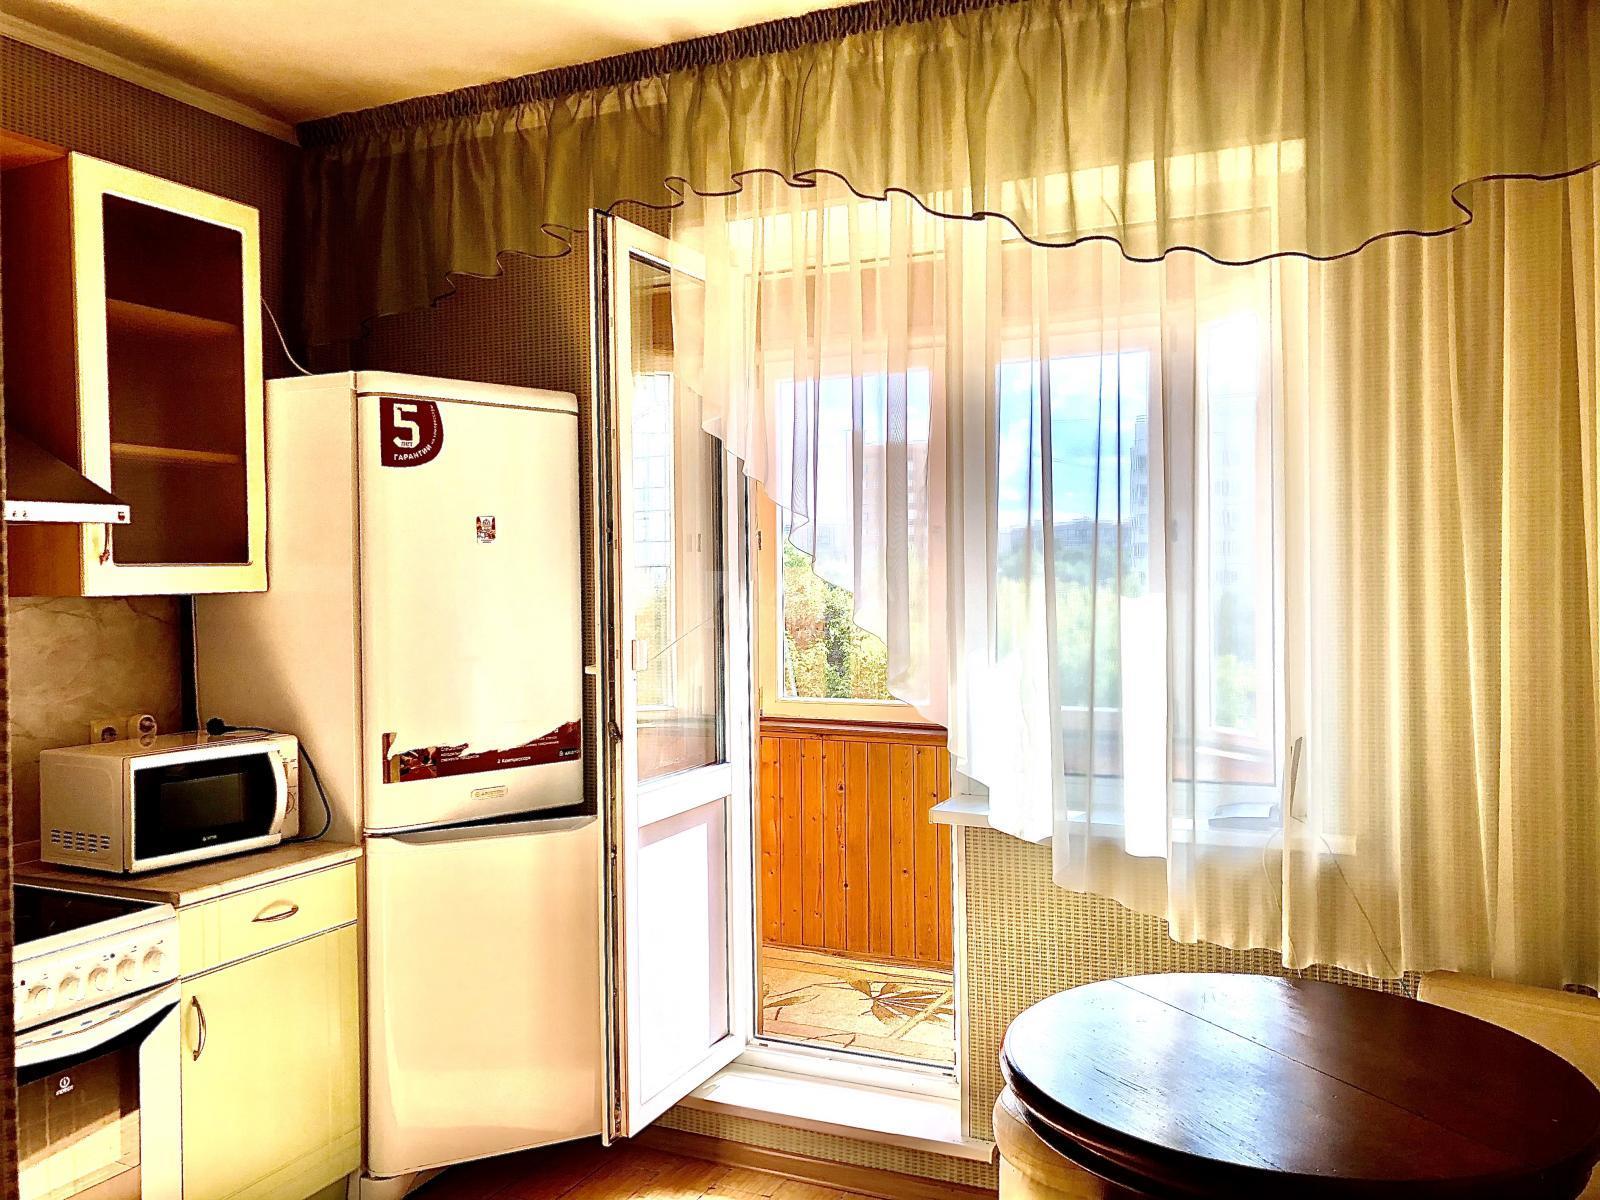 Фото №10 - 1-комнатная квартира, Москва, Зелёный проспект 22, метро Перово